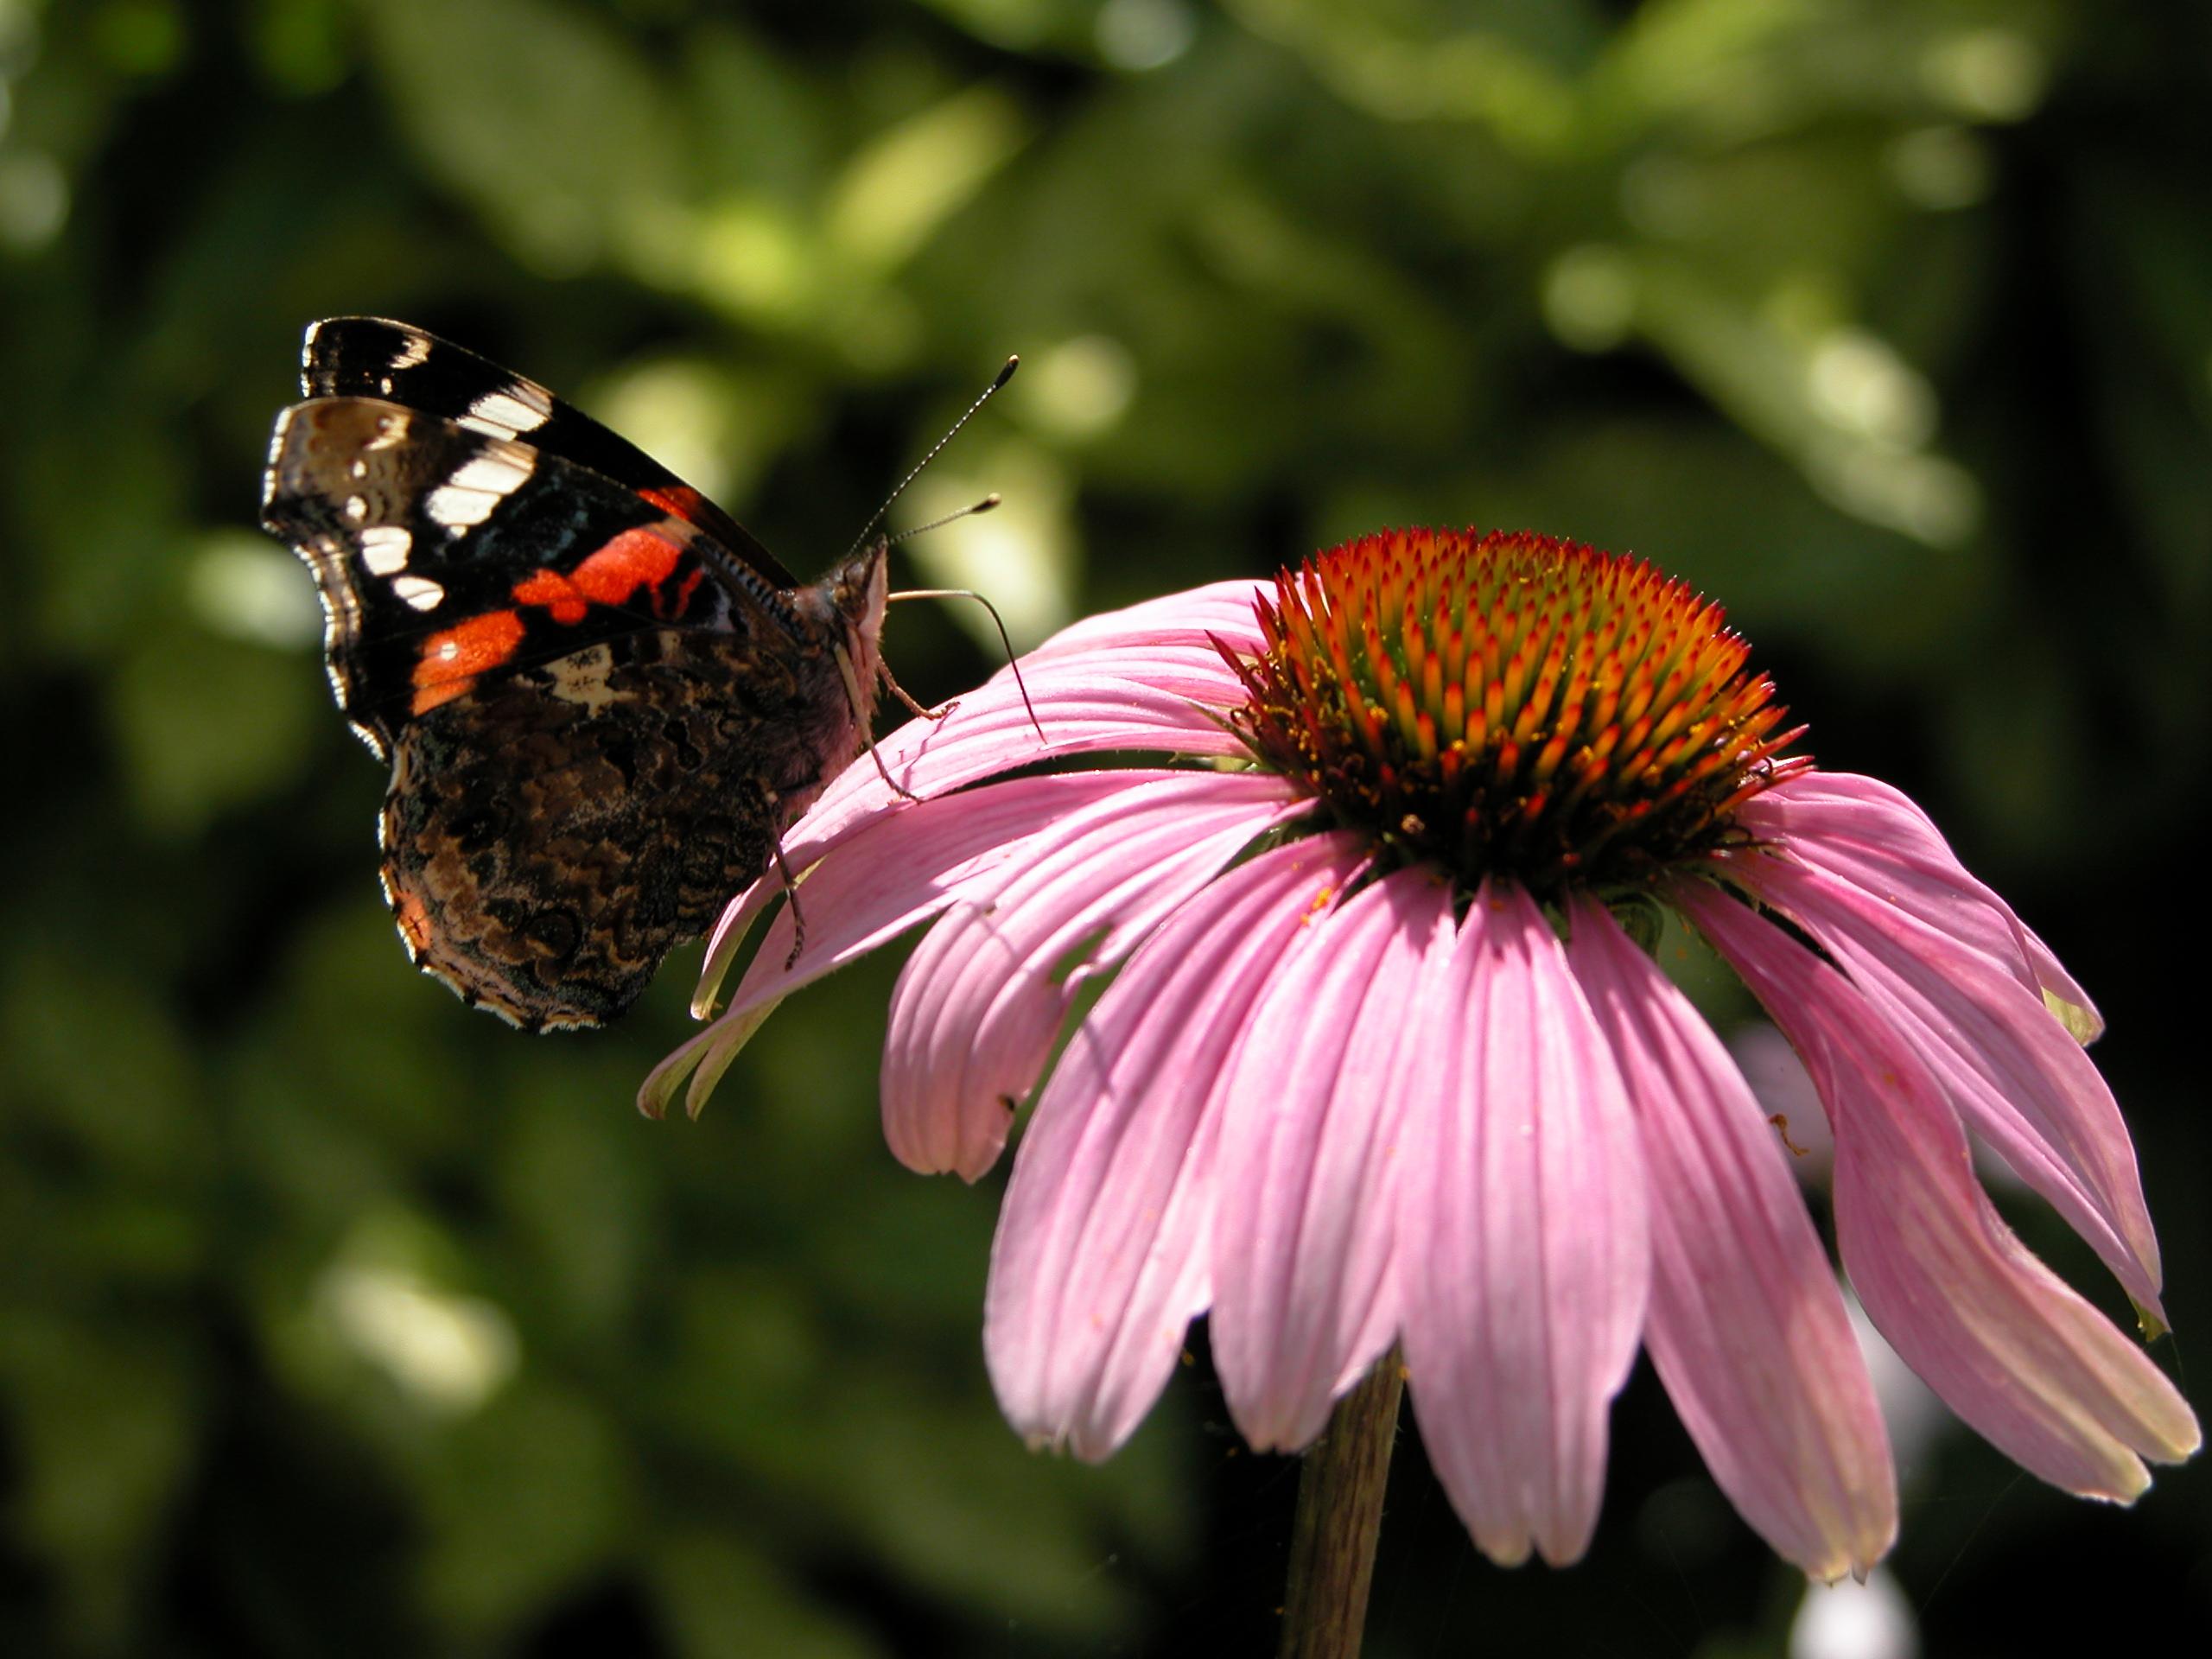 butterfly on purple pink flower black orange wings